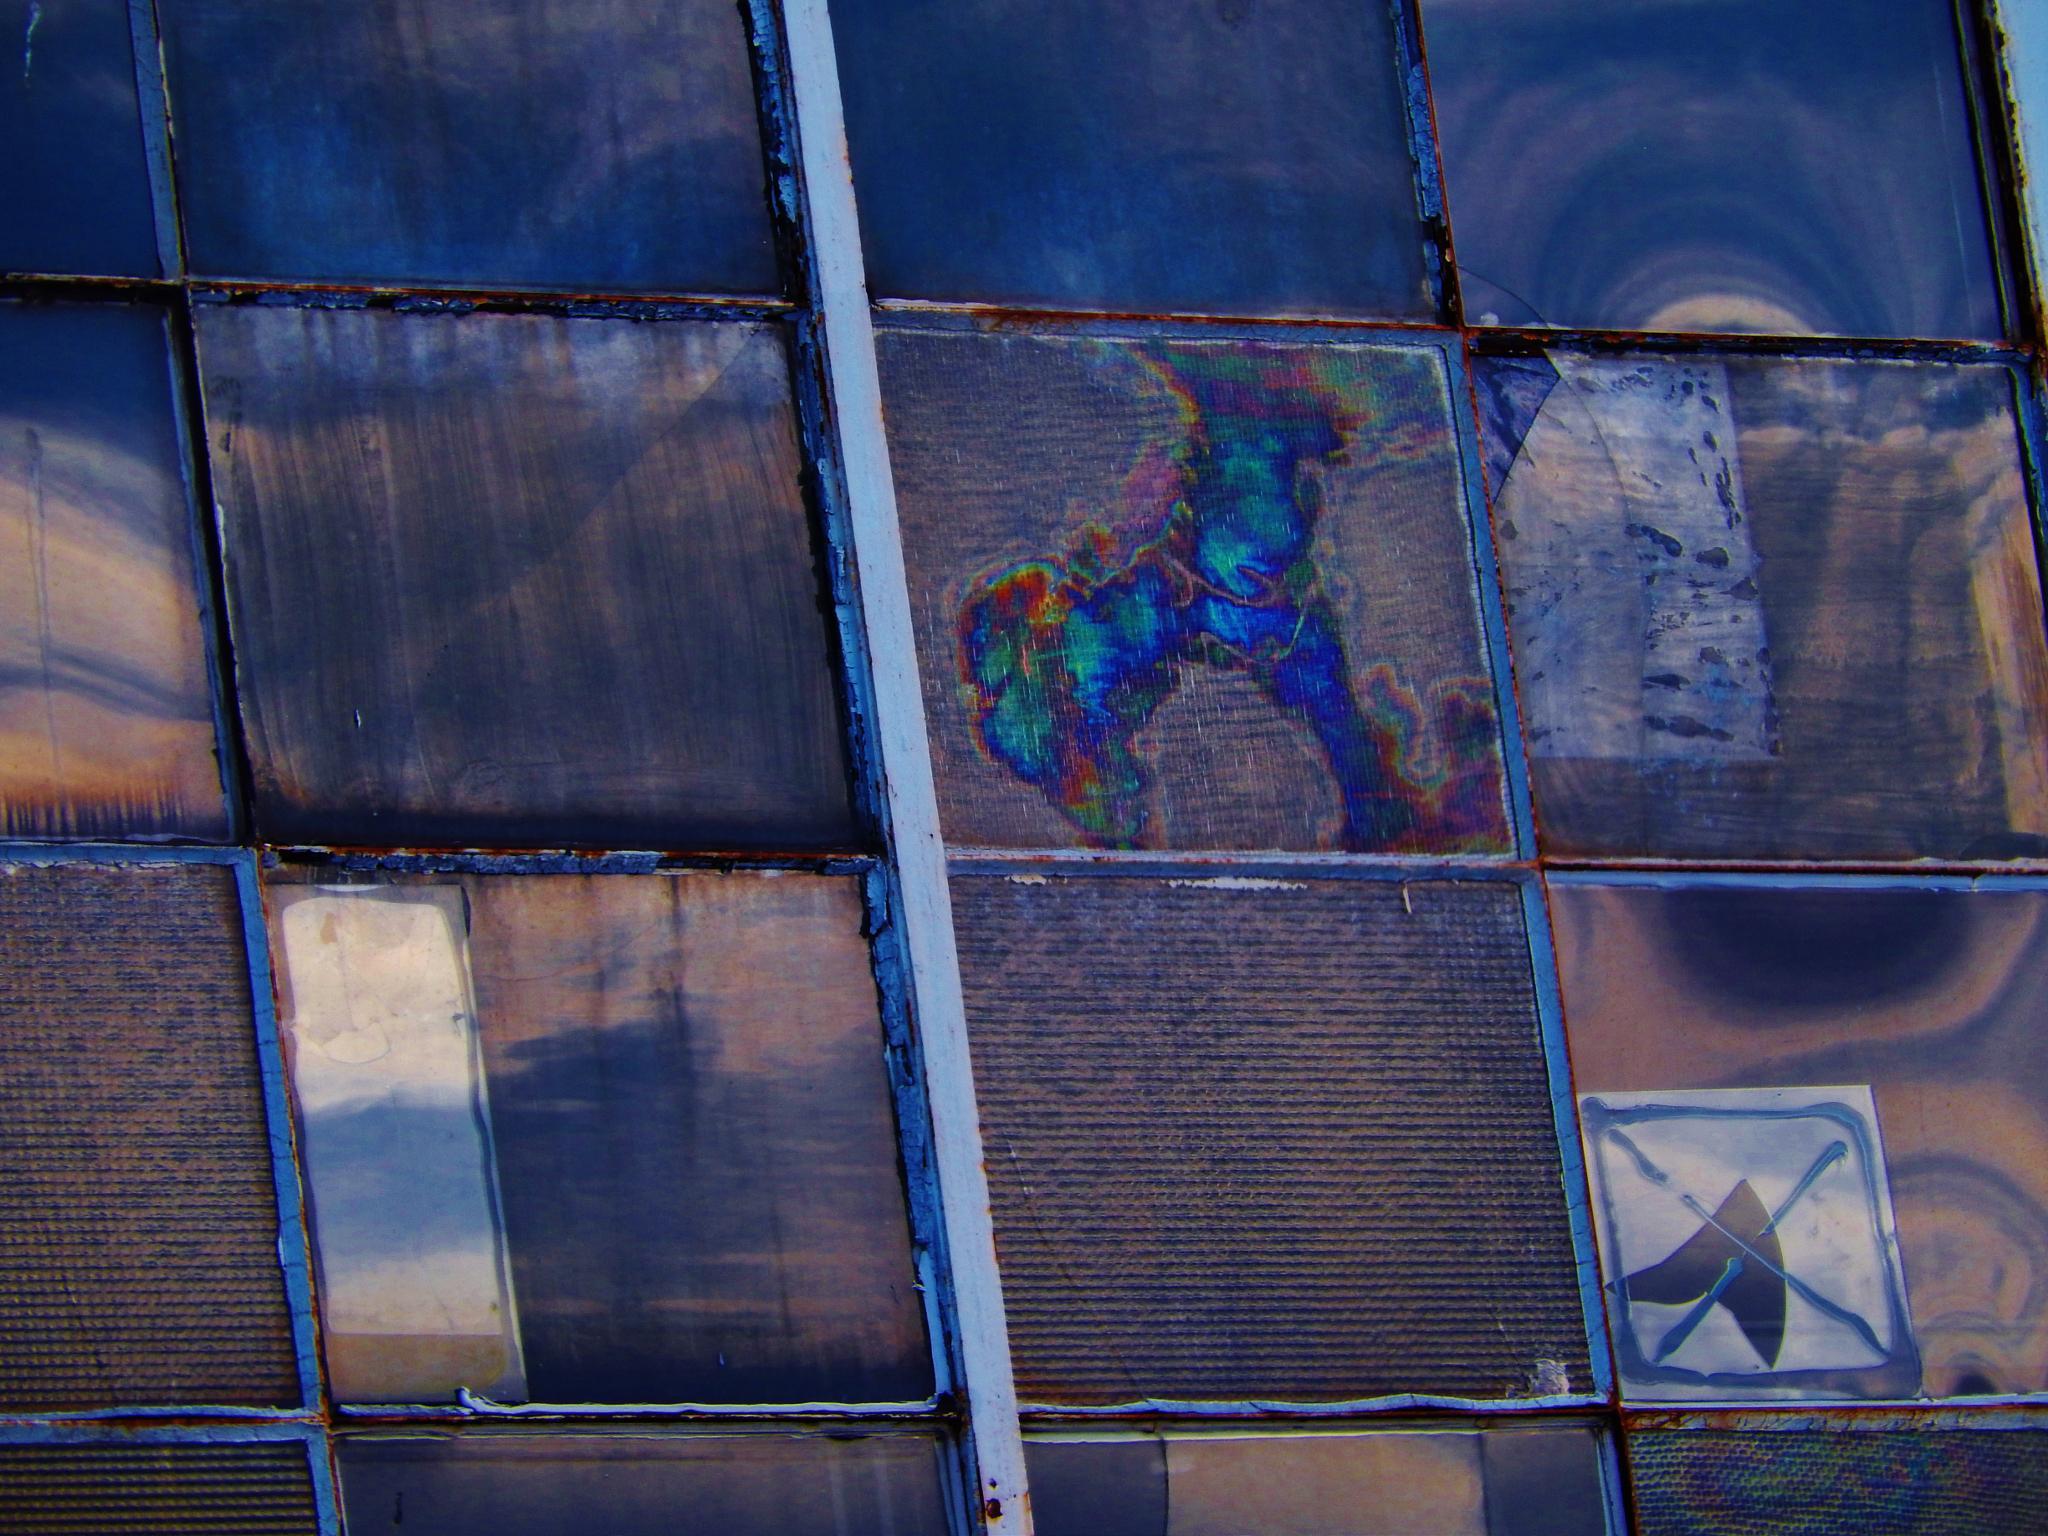 A BLUE WINDOW by dag.lindberg